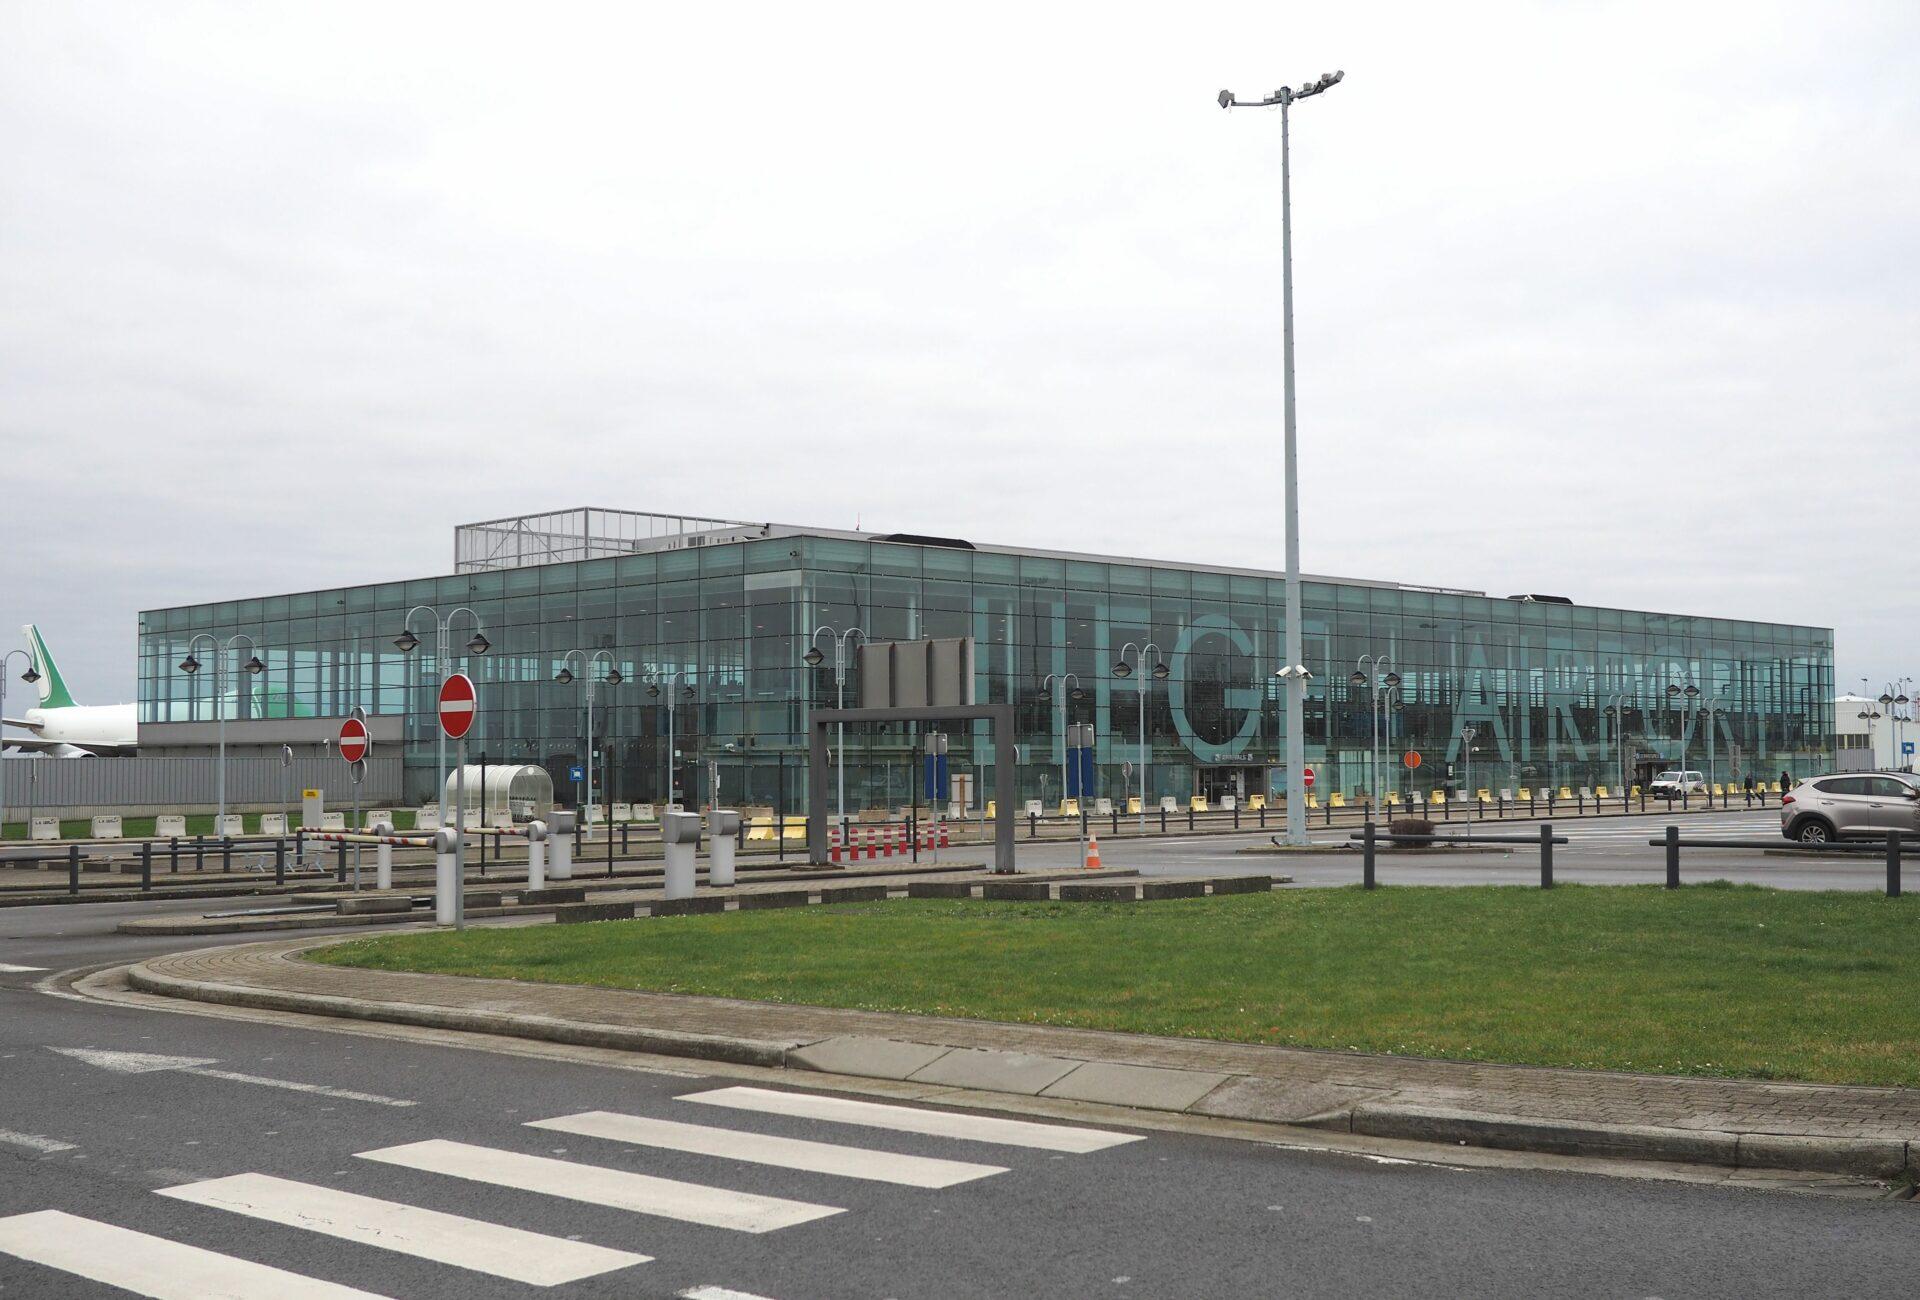 """""""Pas d'indice de présence d'espions chez Alibaba à Liège"""", rectifie le ministre"""